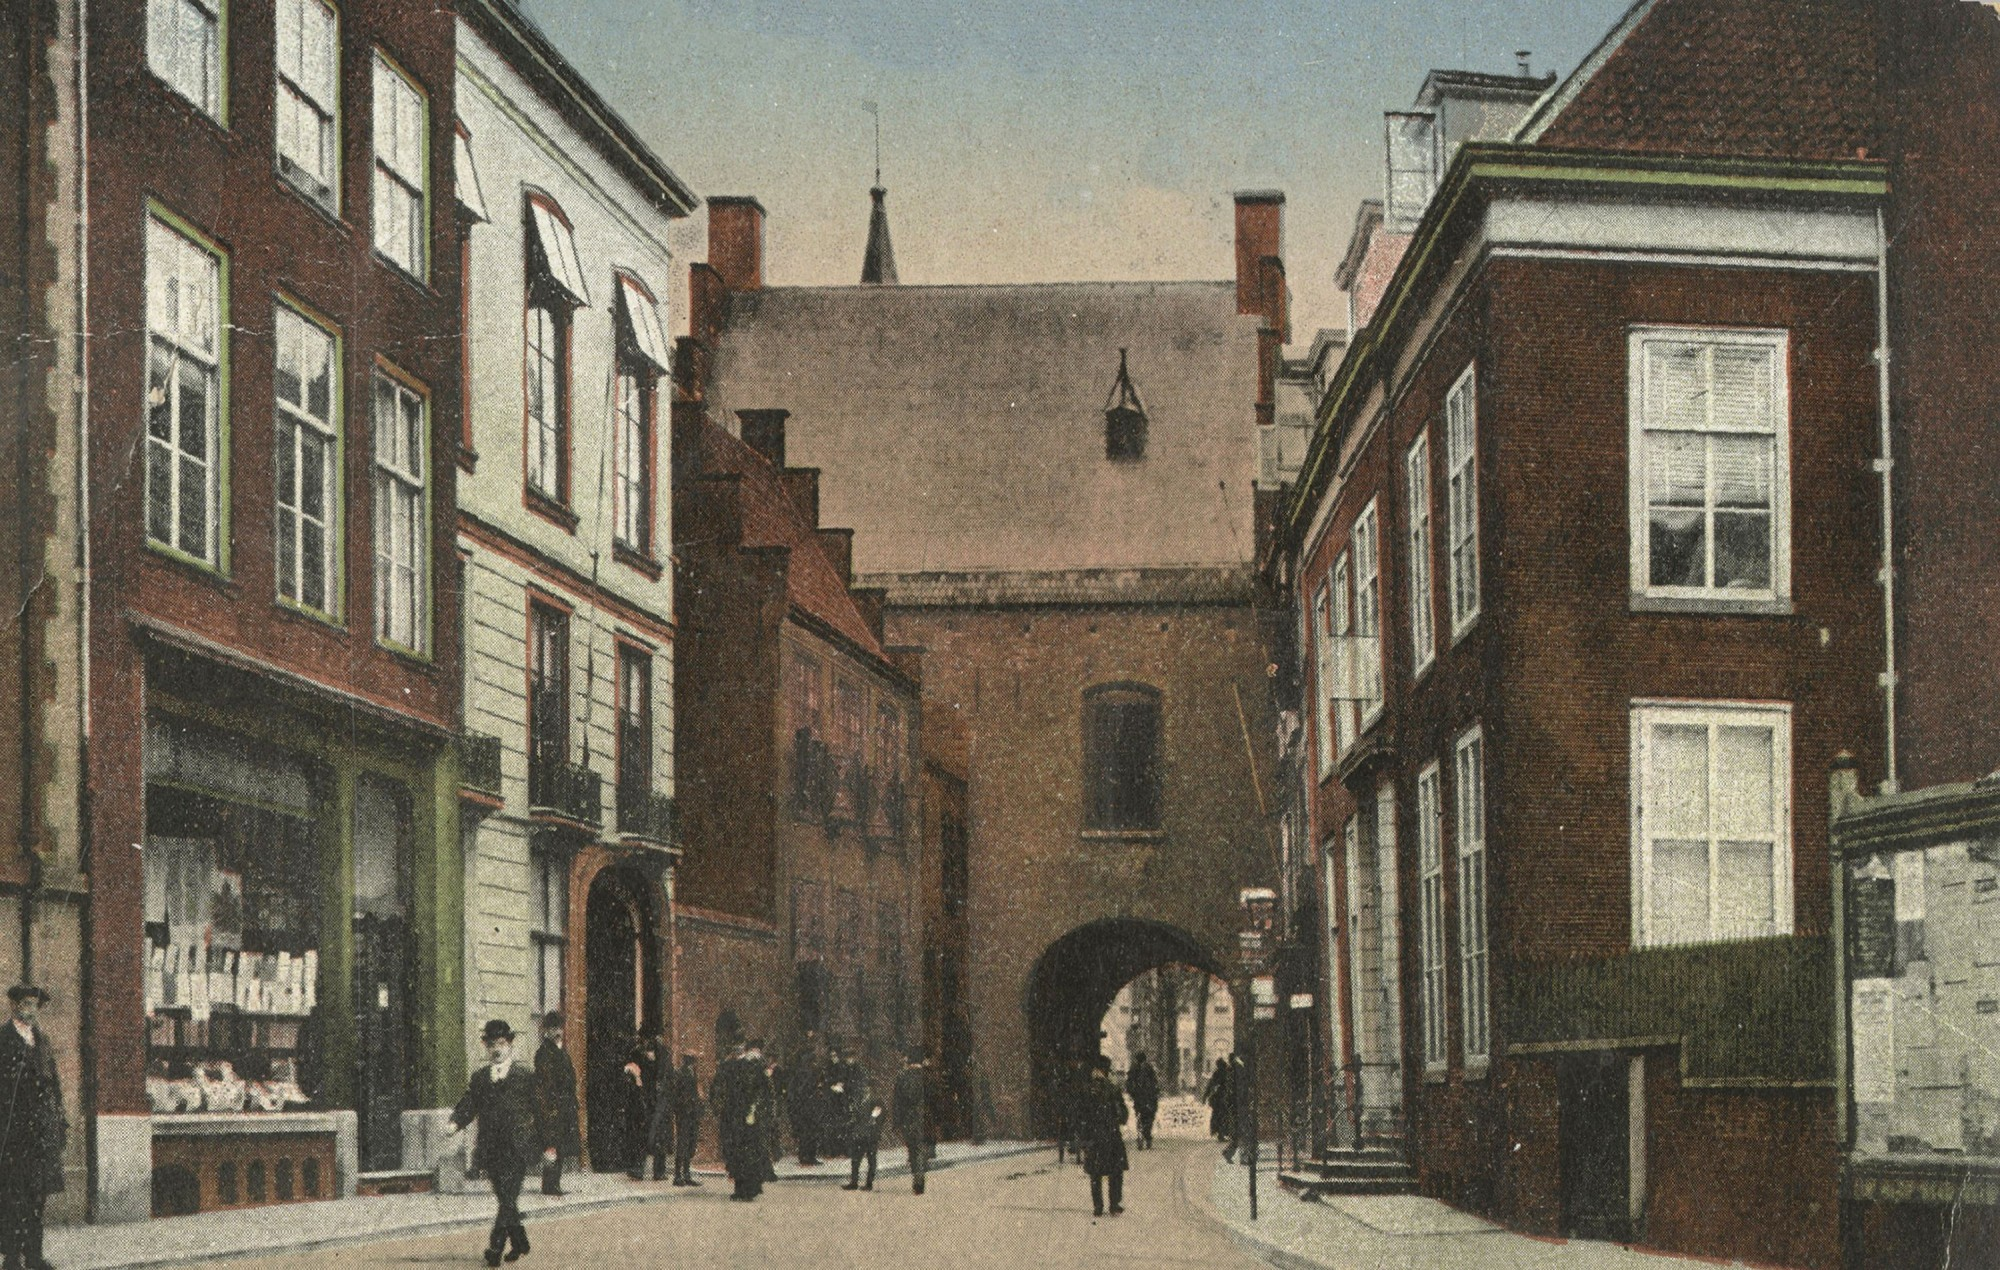 Groeten uit Den Haag - Honderd jaar veranderingen in de stad